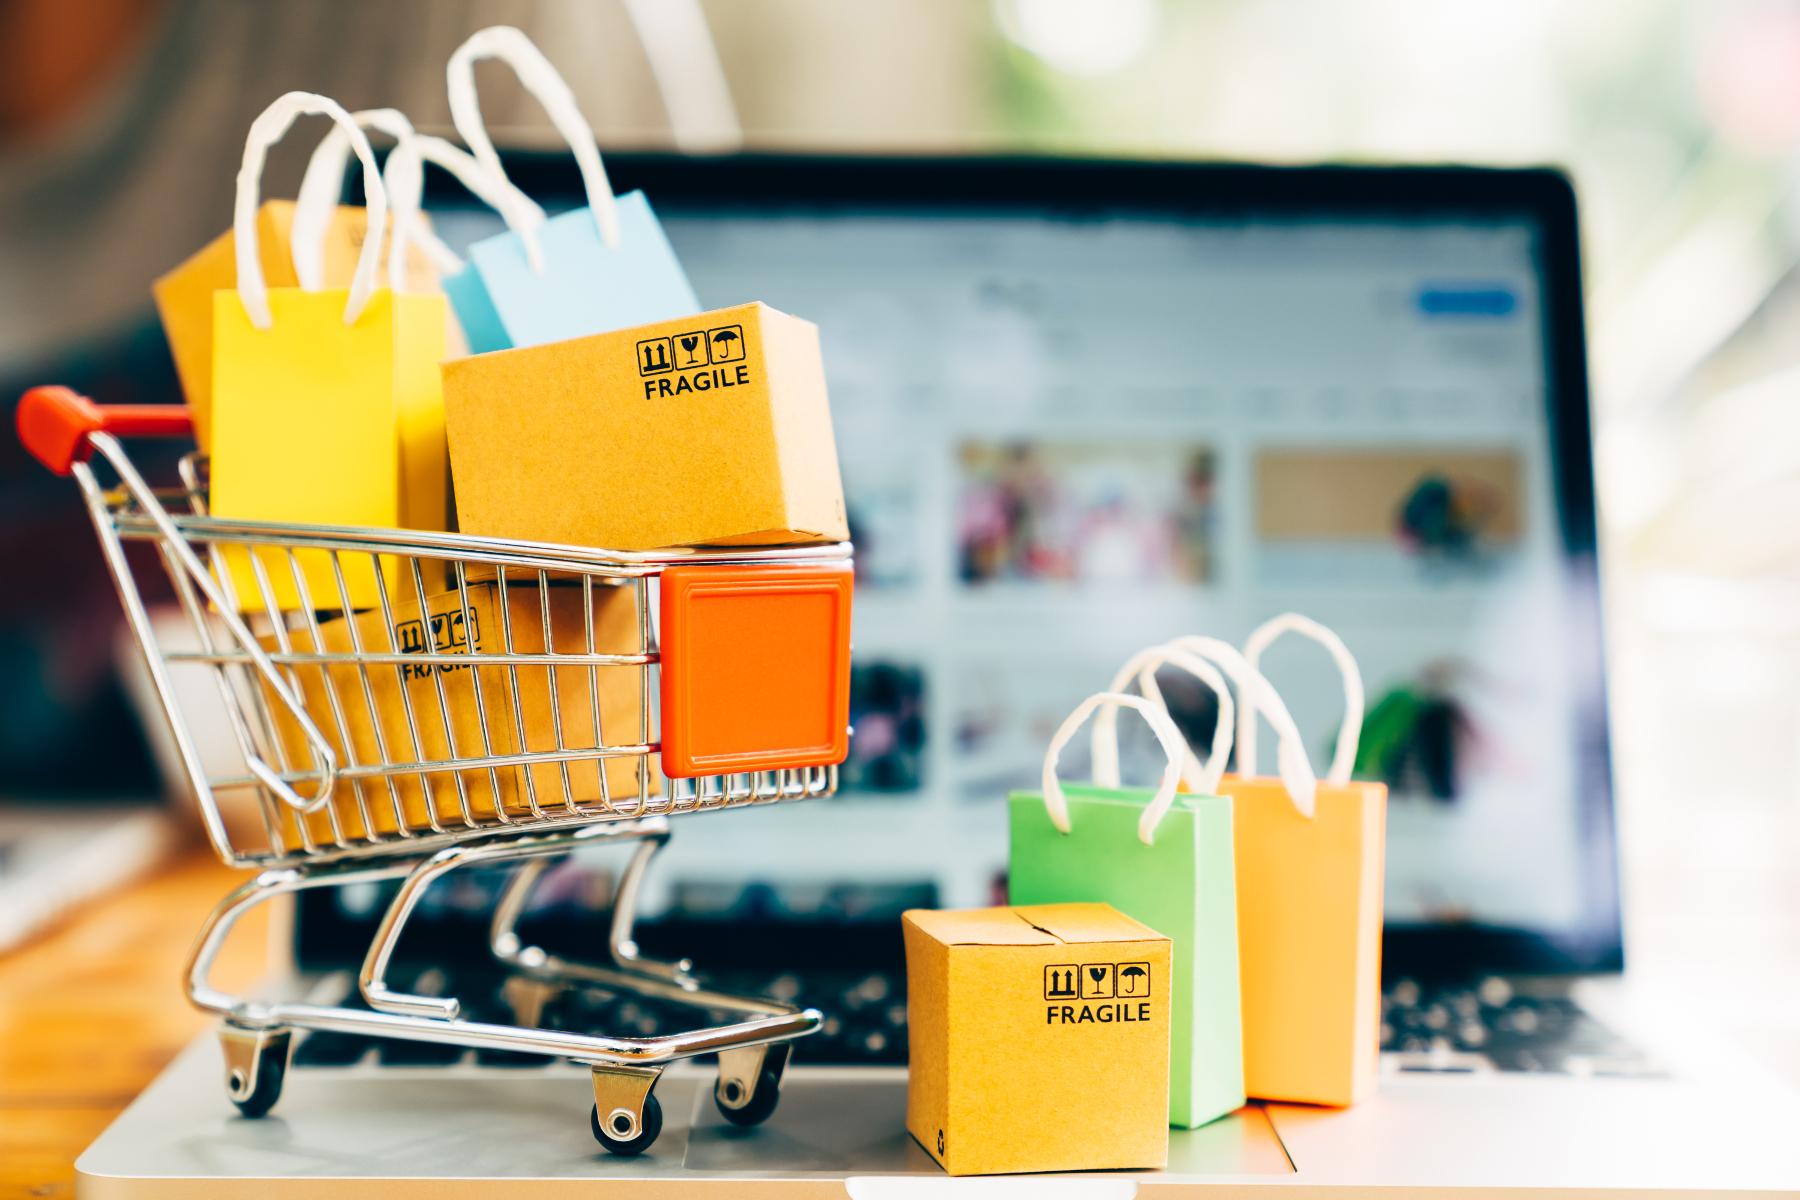 נובמבר - חודש הקניות הבלתי פוסקות או חודש אחריות כלכלית?